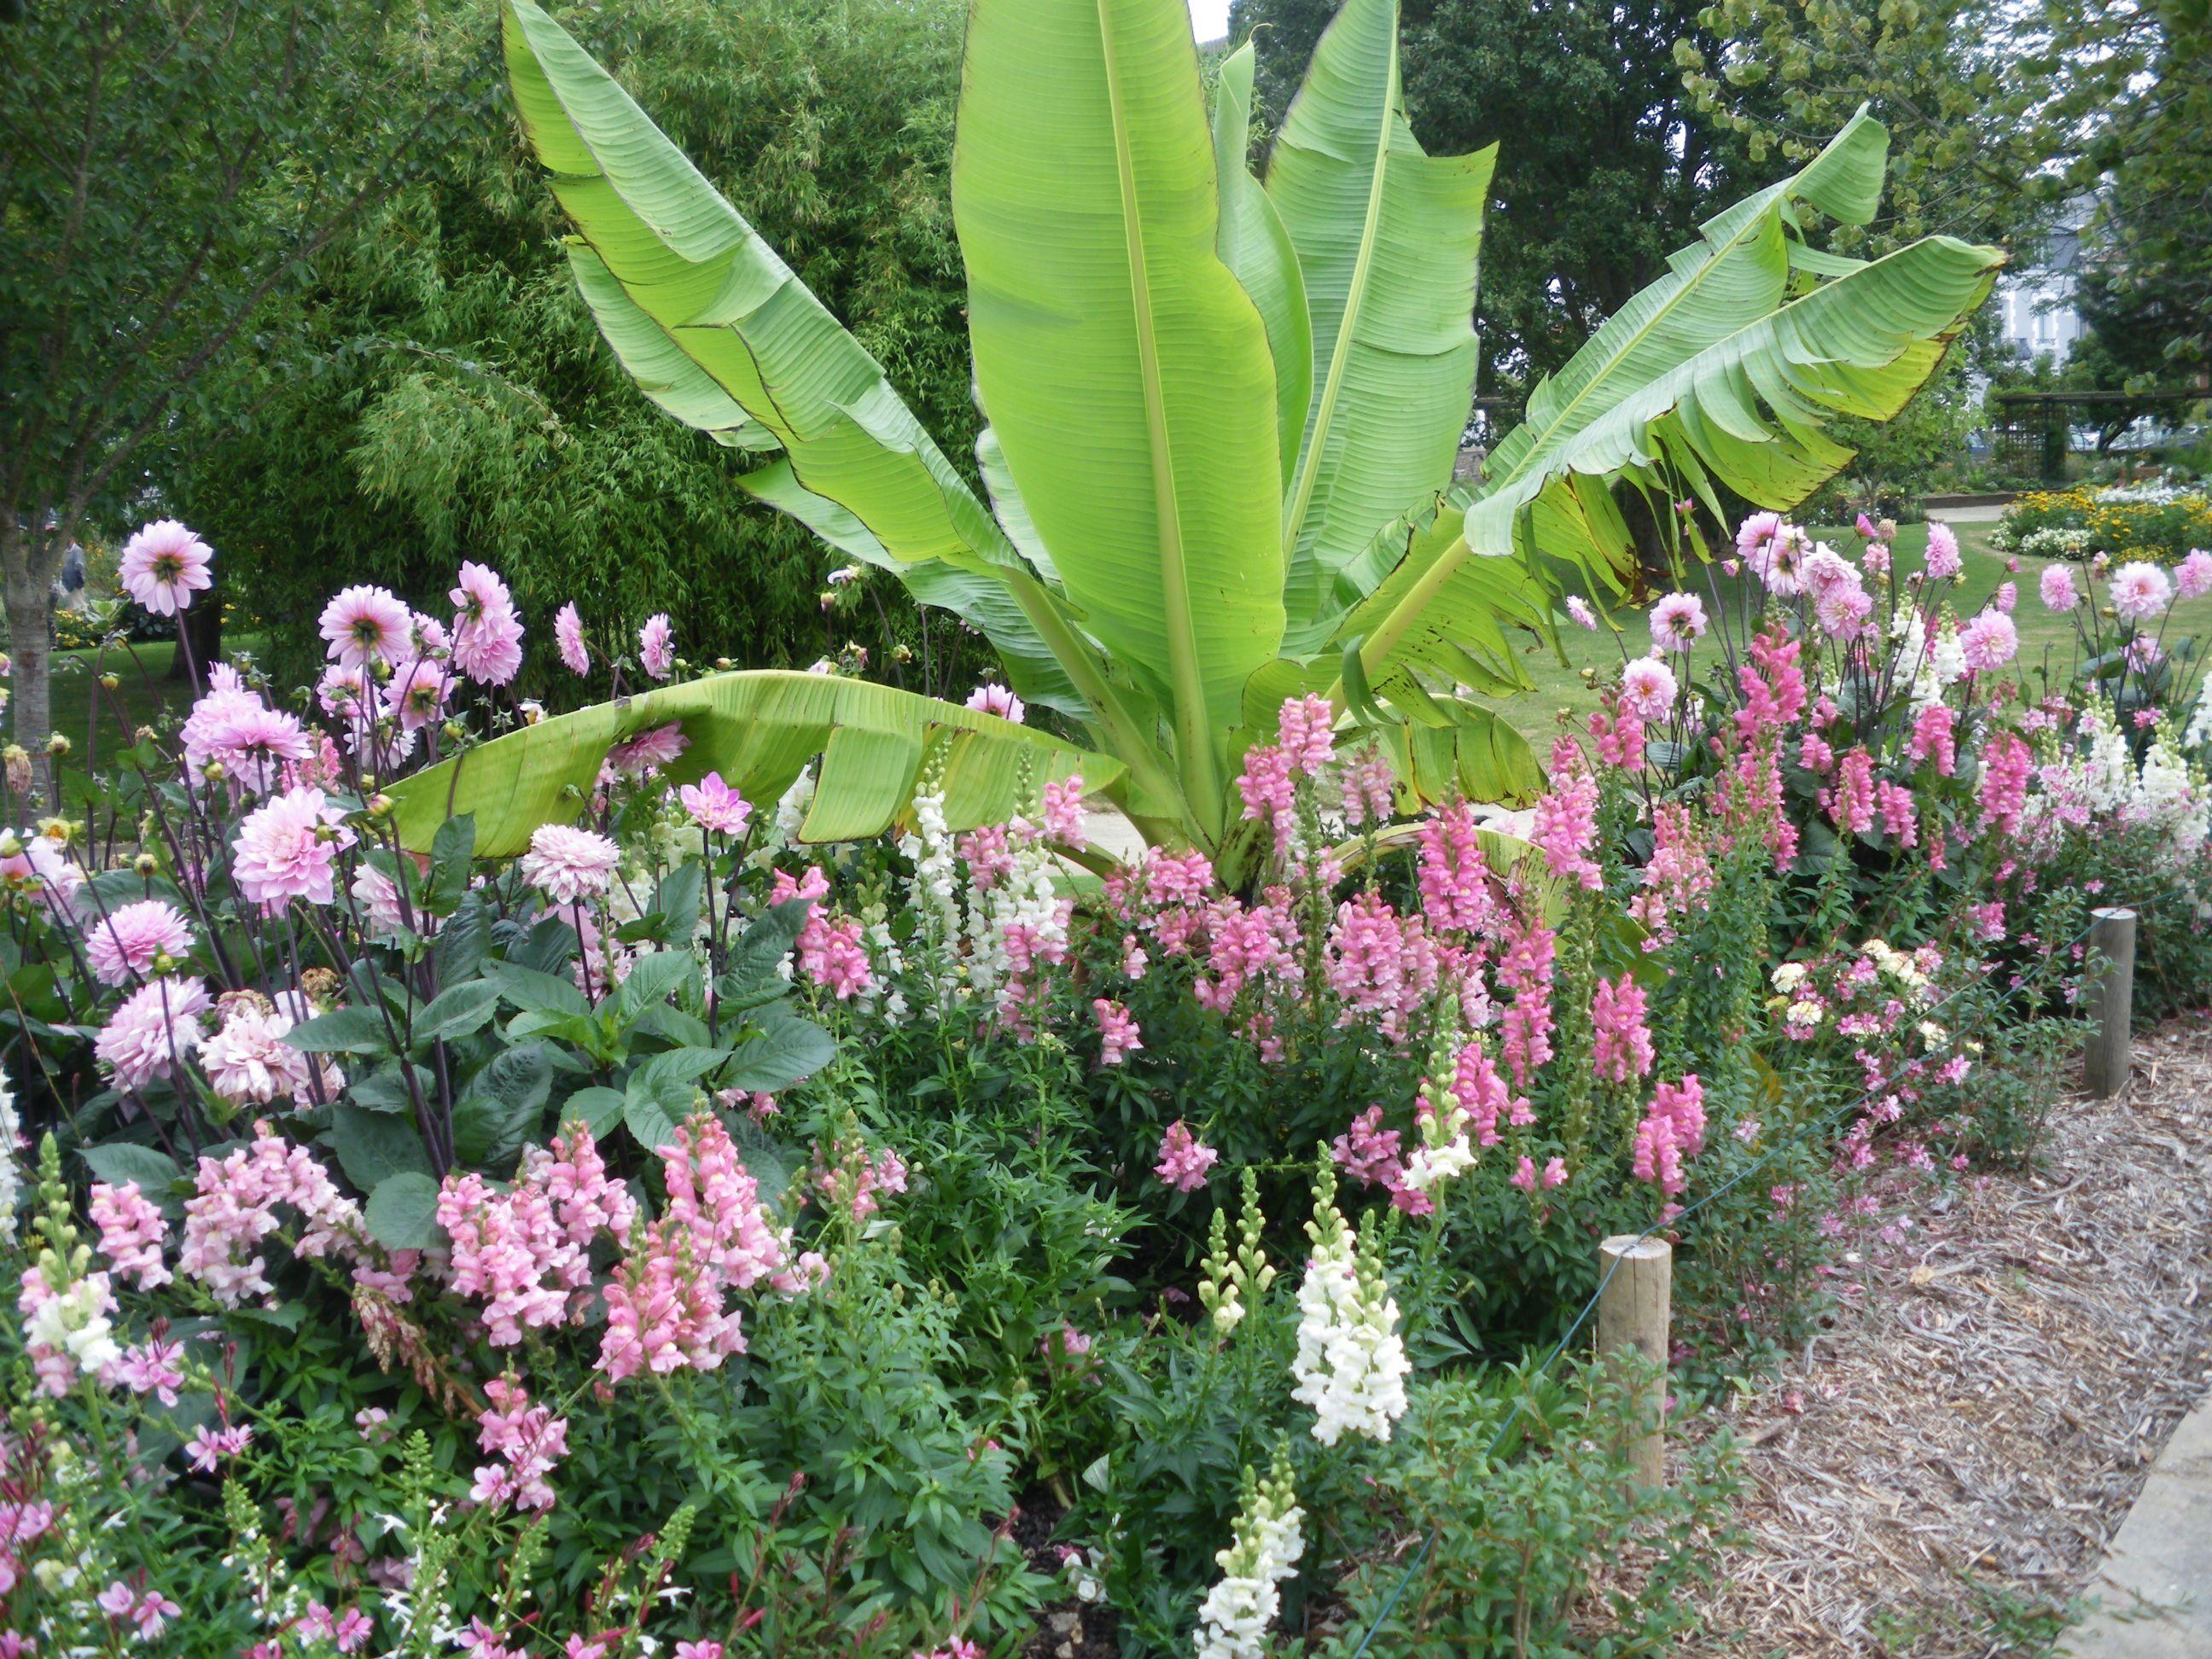 Jardin des plantes saint nazaire loire atlantique - Jardin des plantes saint etienne ...